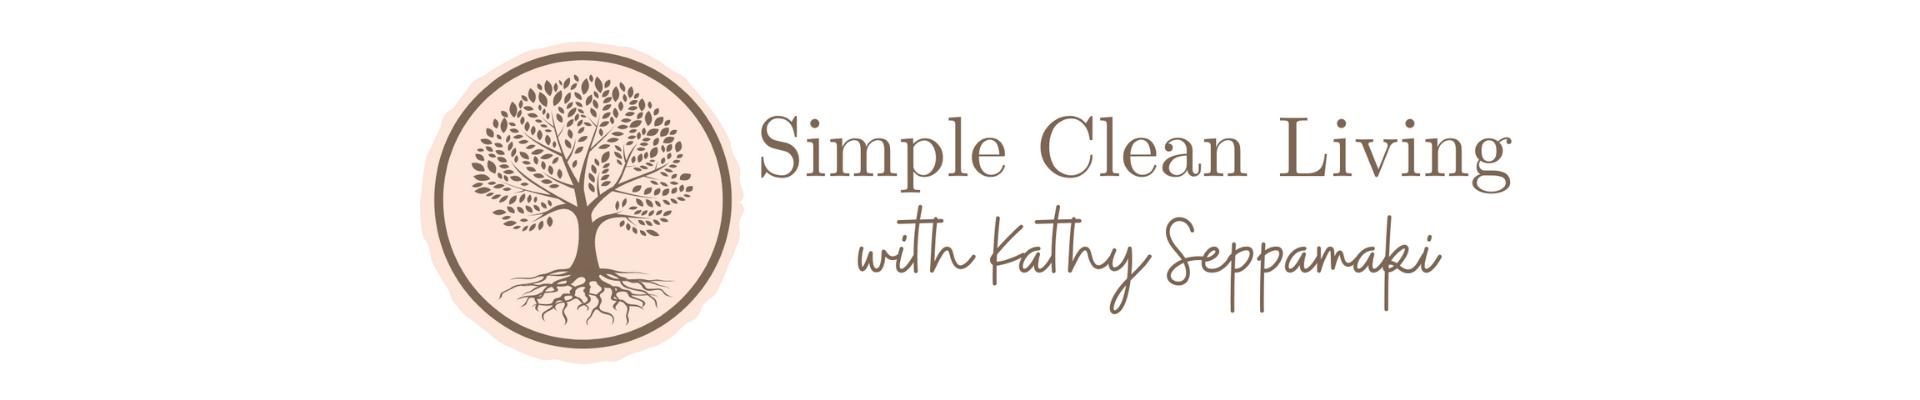 Simple Clean Living